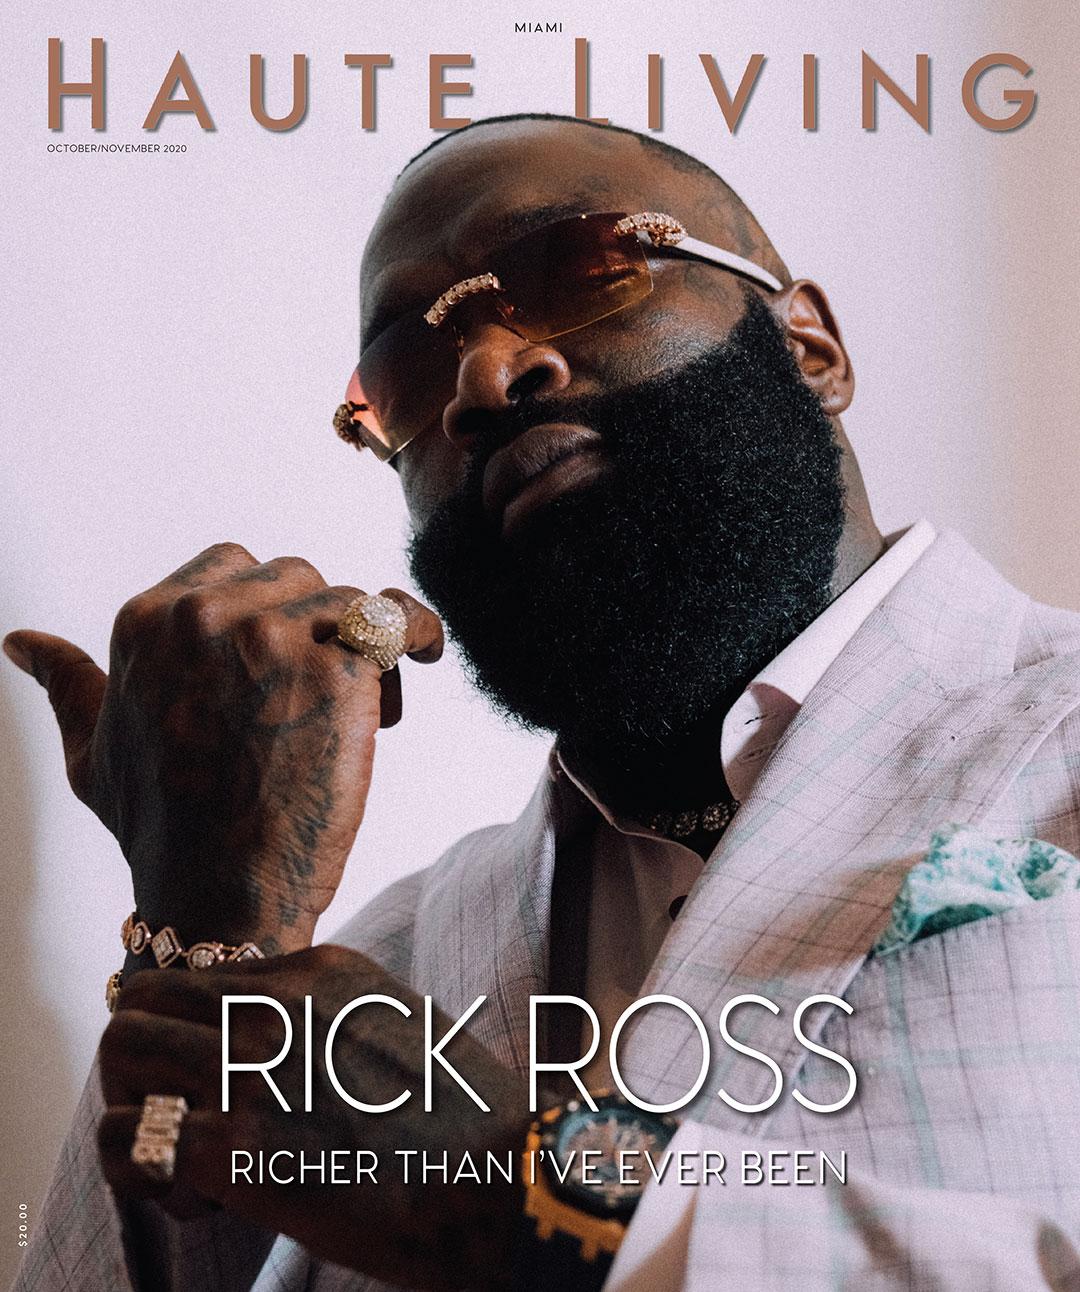 RICK-ROSS-CVR-INSTA